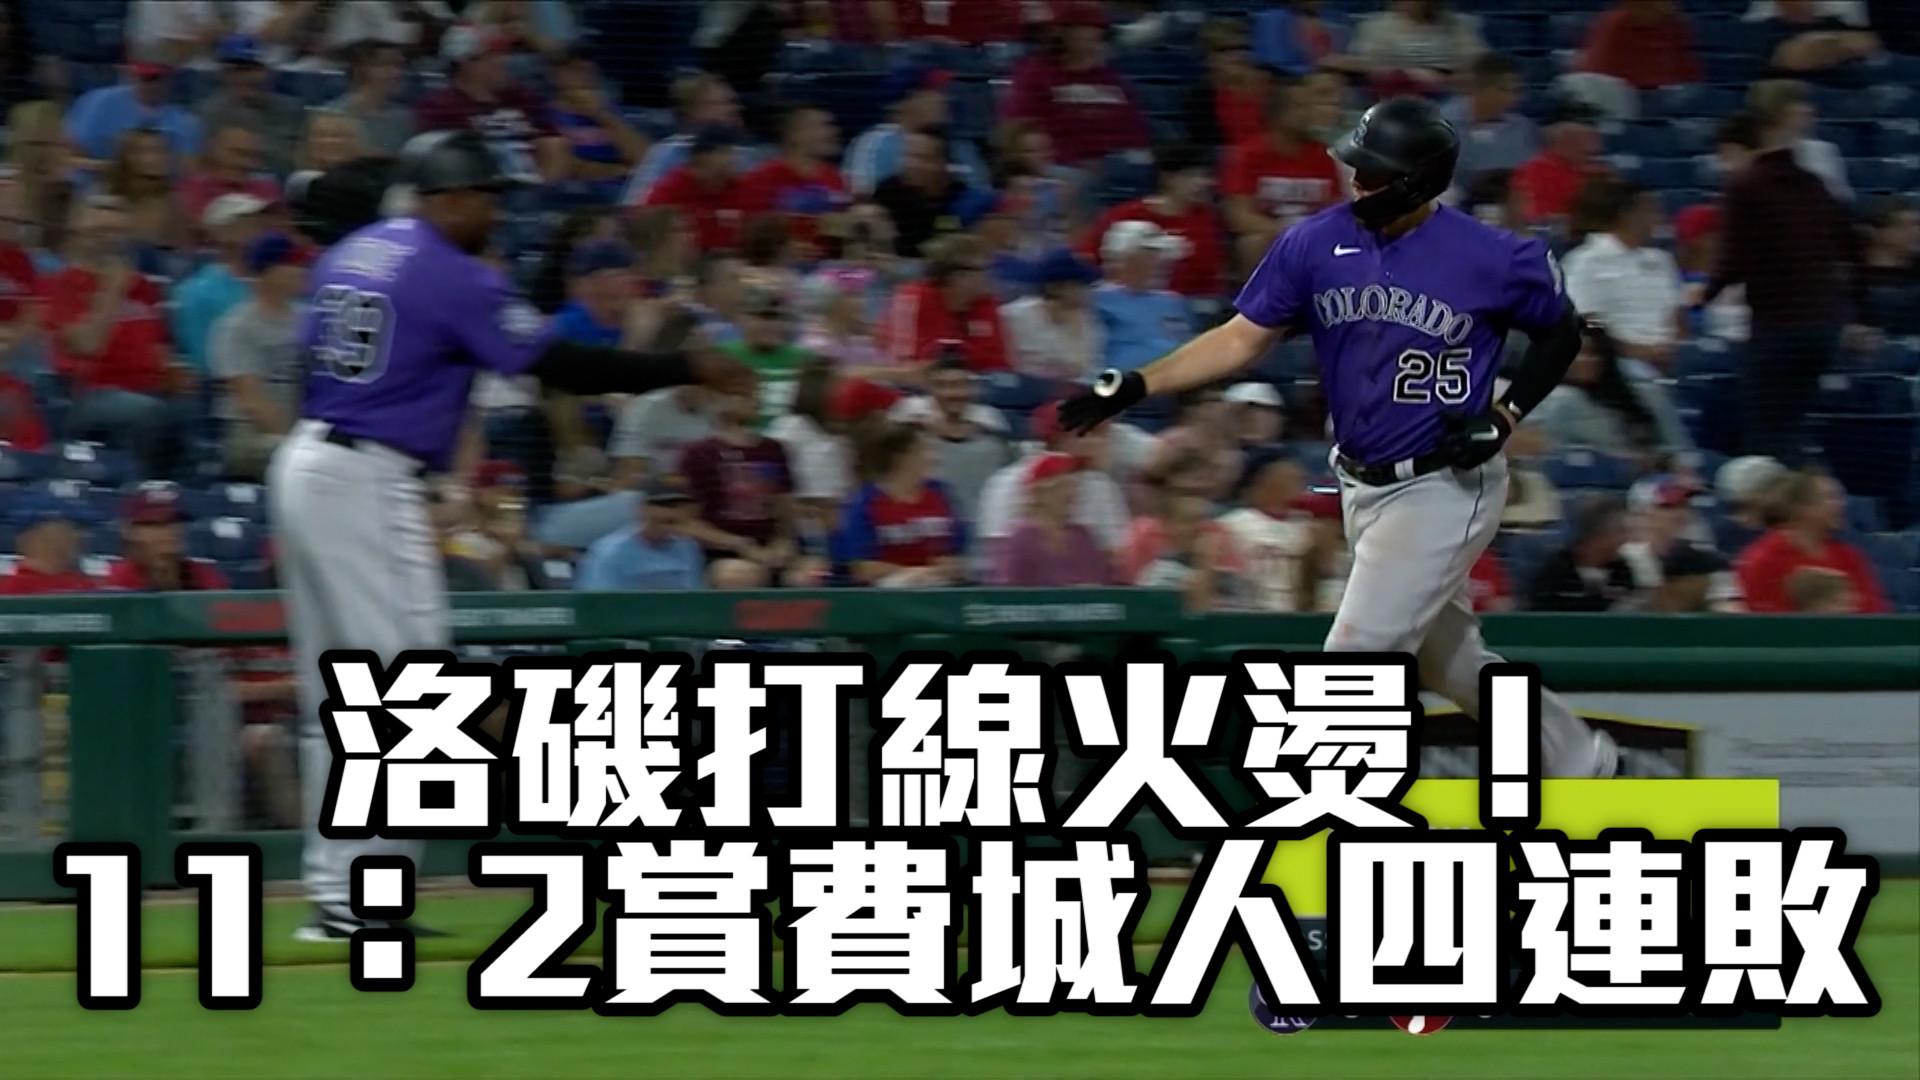 【MLB看愛爾達】洛磯打線火燙!11:2賞費城人四連敗 09/11